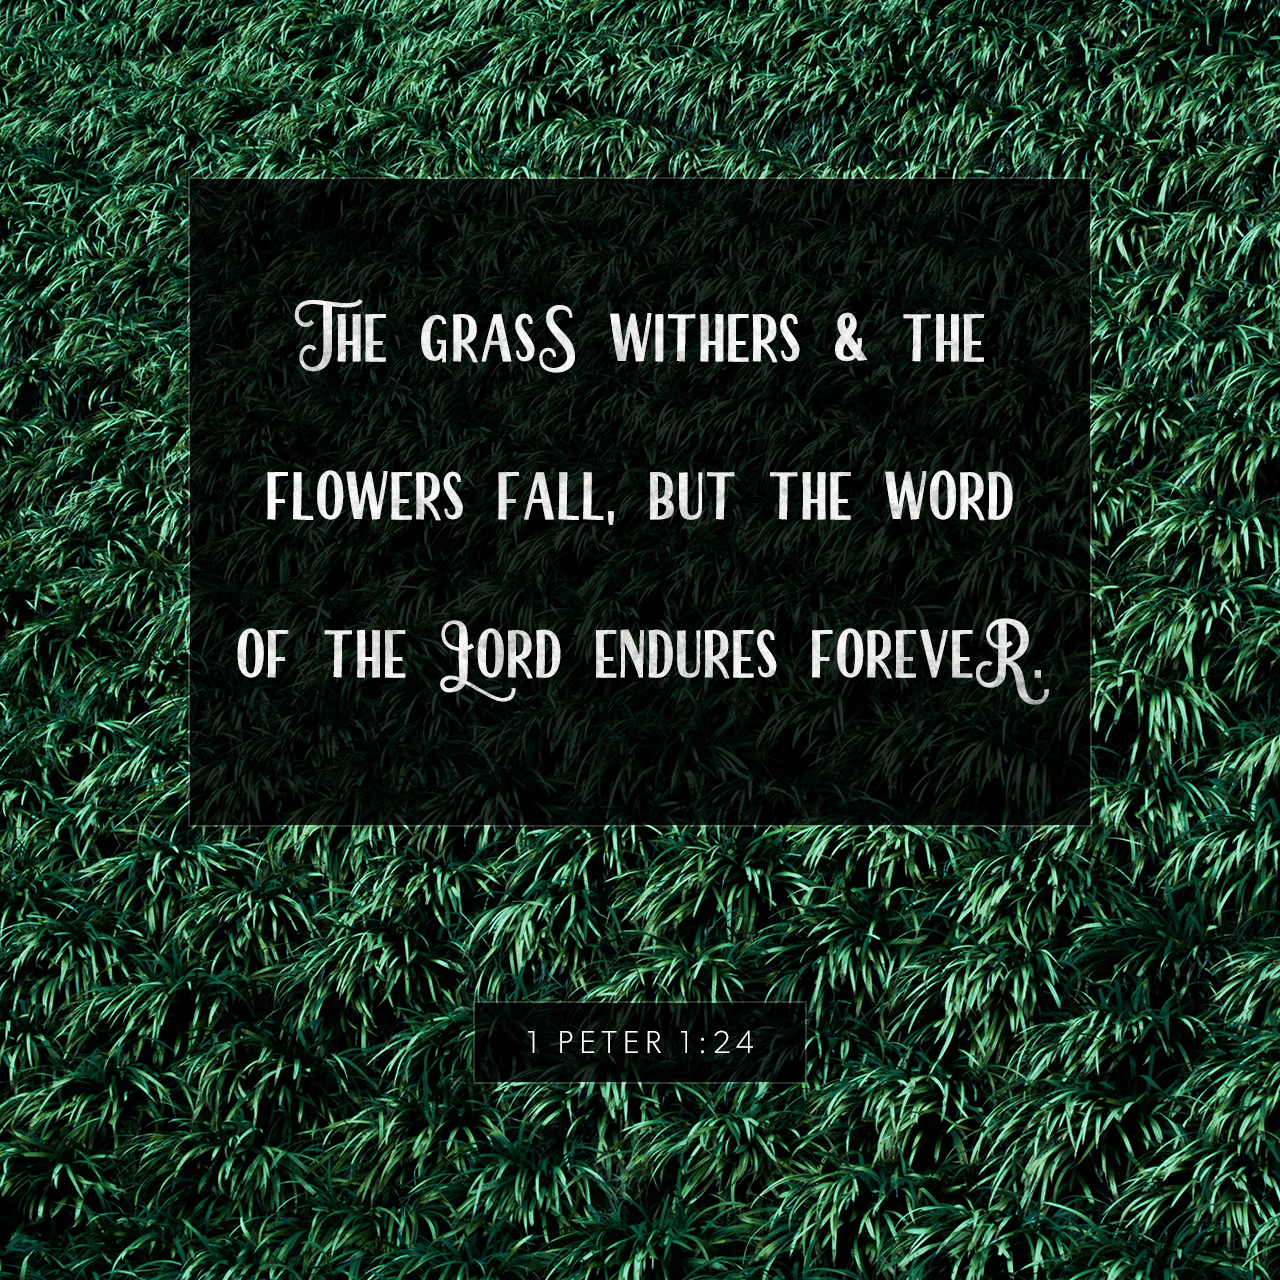 1 Peter 1:24 (JPG)